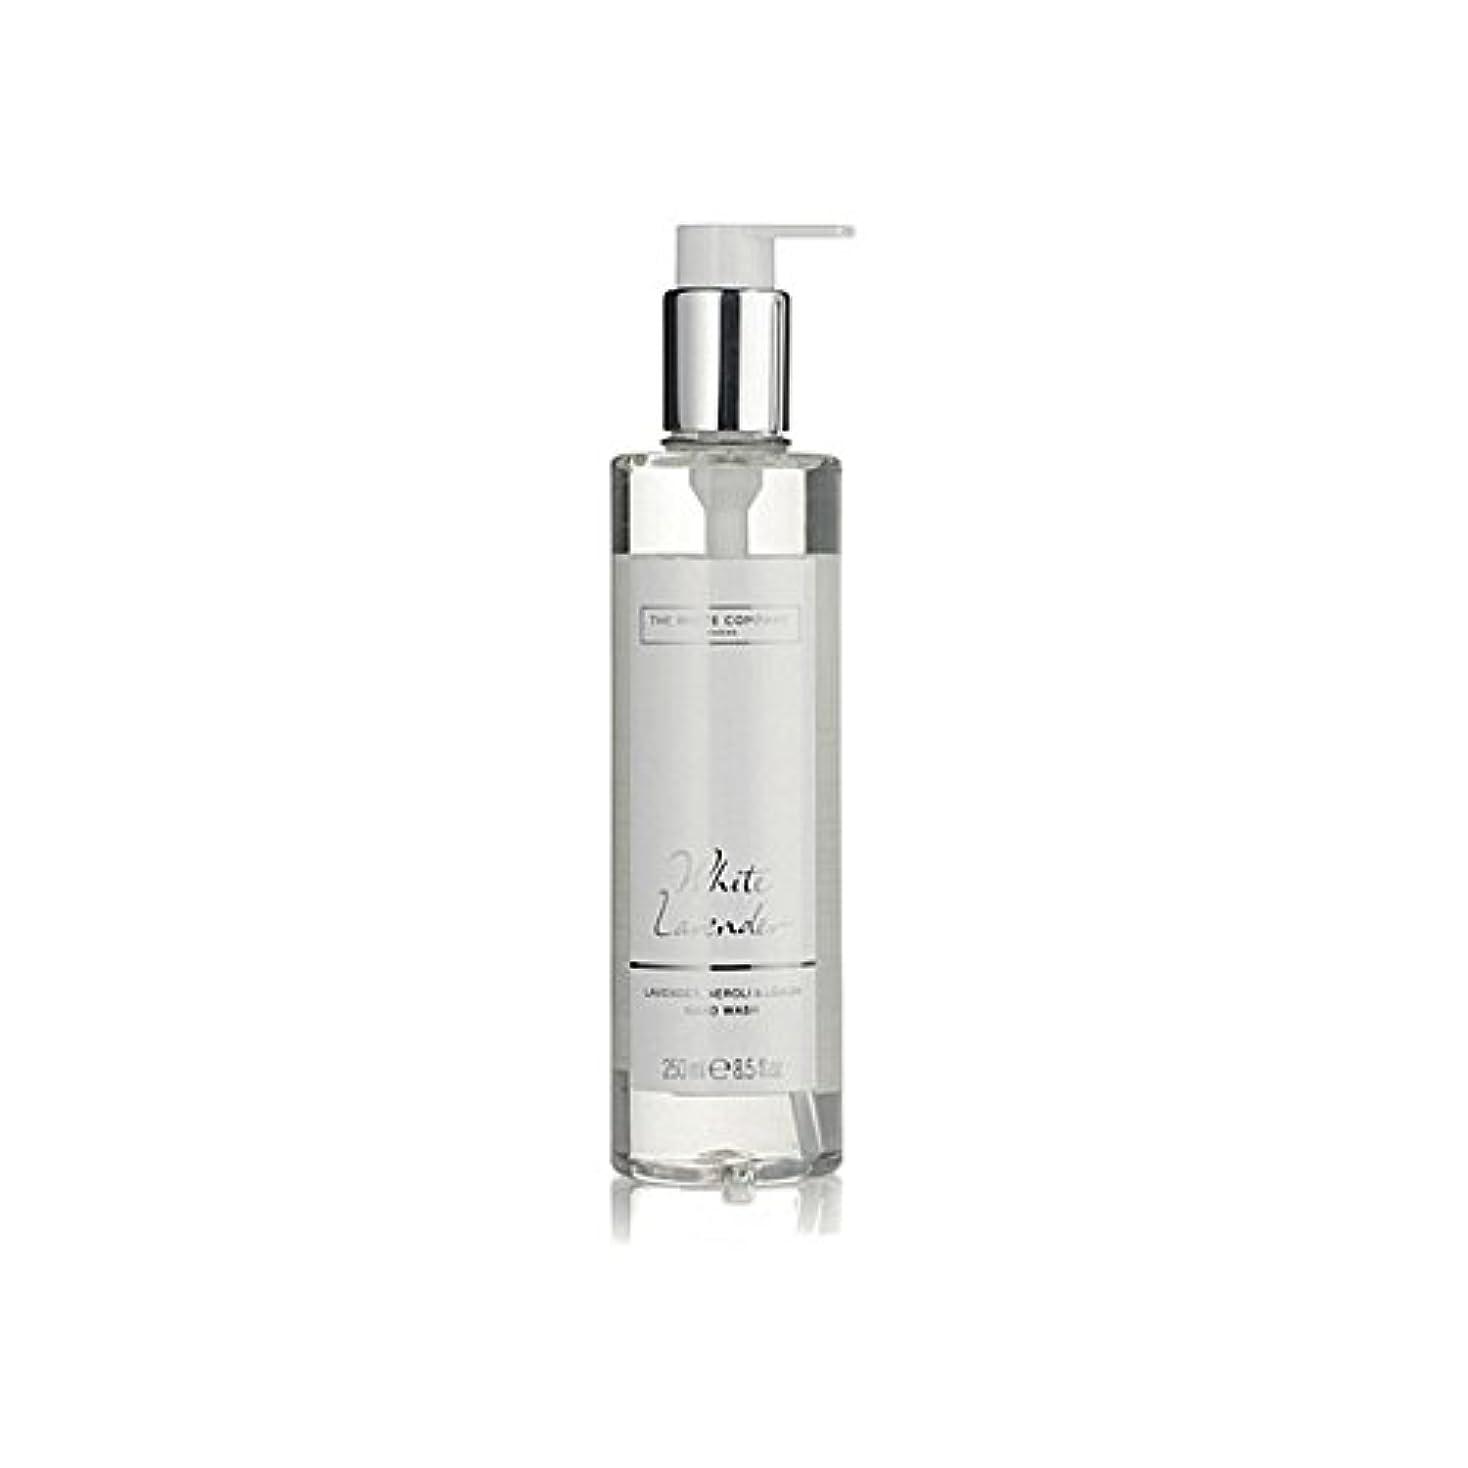 代表する発症アブストラクト白同社白ラベンダーハンドウォッシュ x2 - The White Company White Lavender Hand Wash (Pack of 2) [並行輸入品]